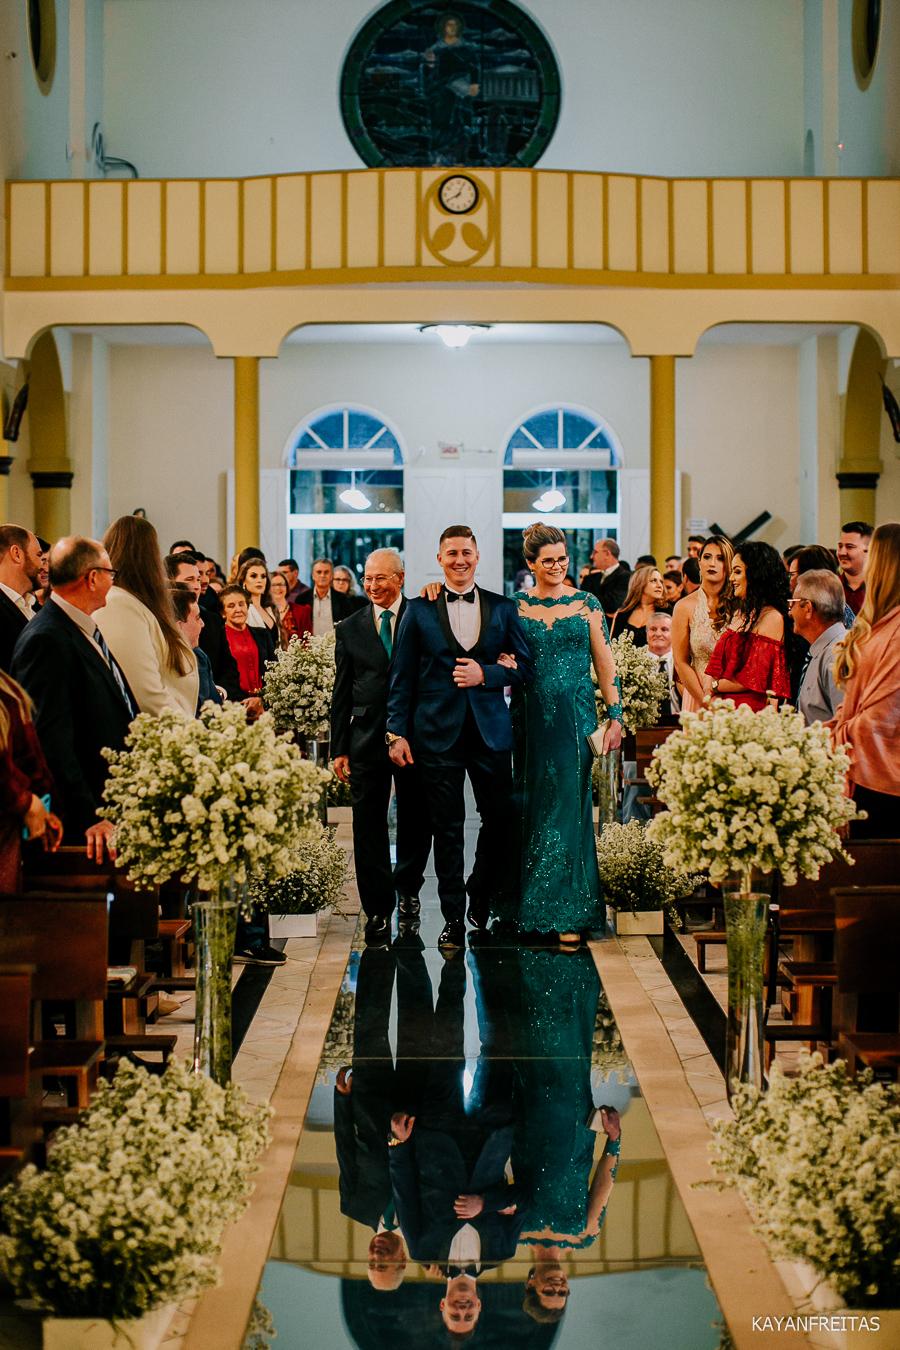 casamento-biguacu-tainaramarcos-0037 Casamento Tainara e Marcos - Biguaçu